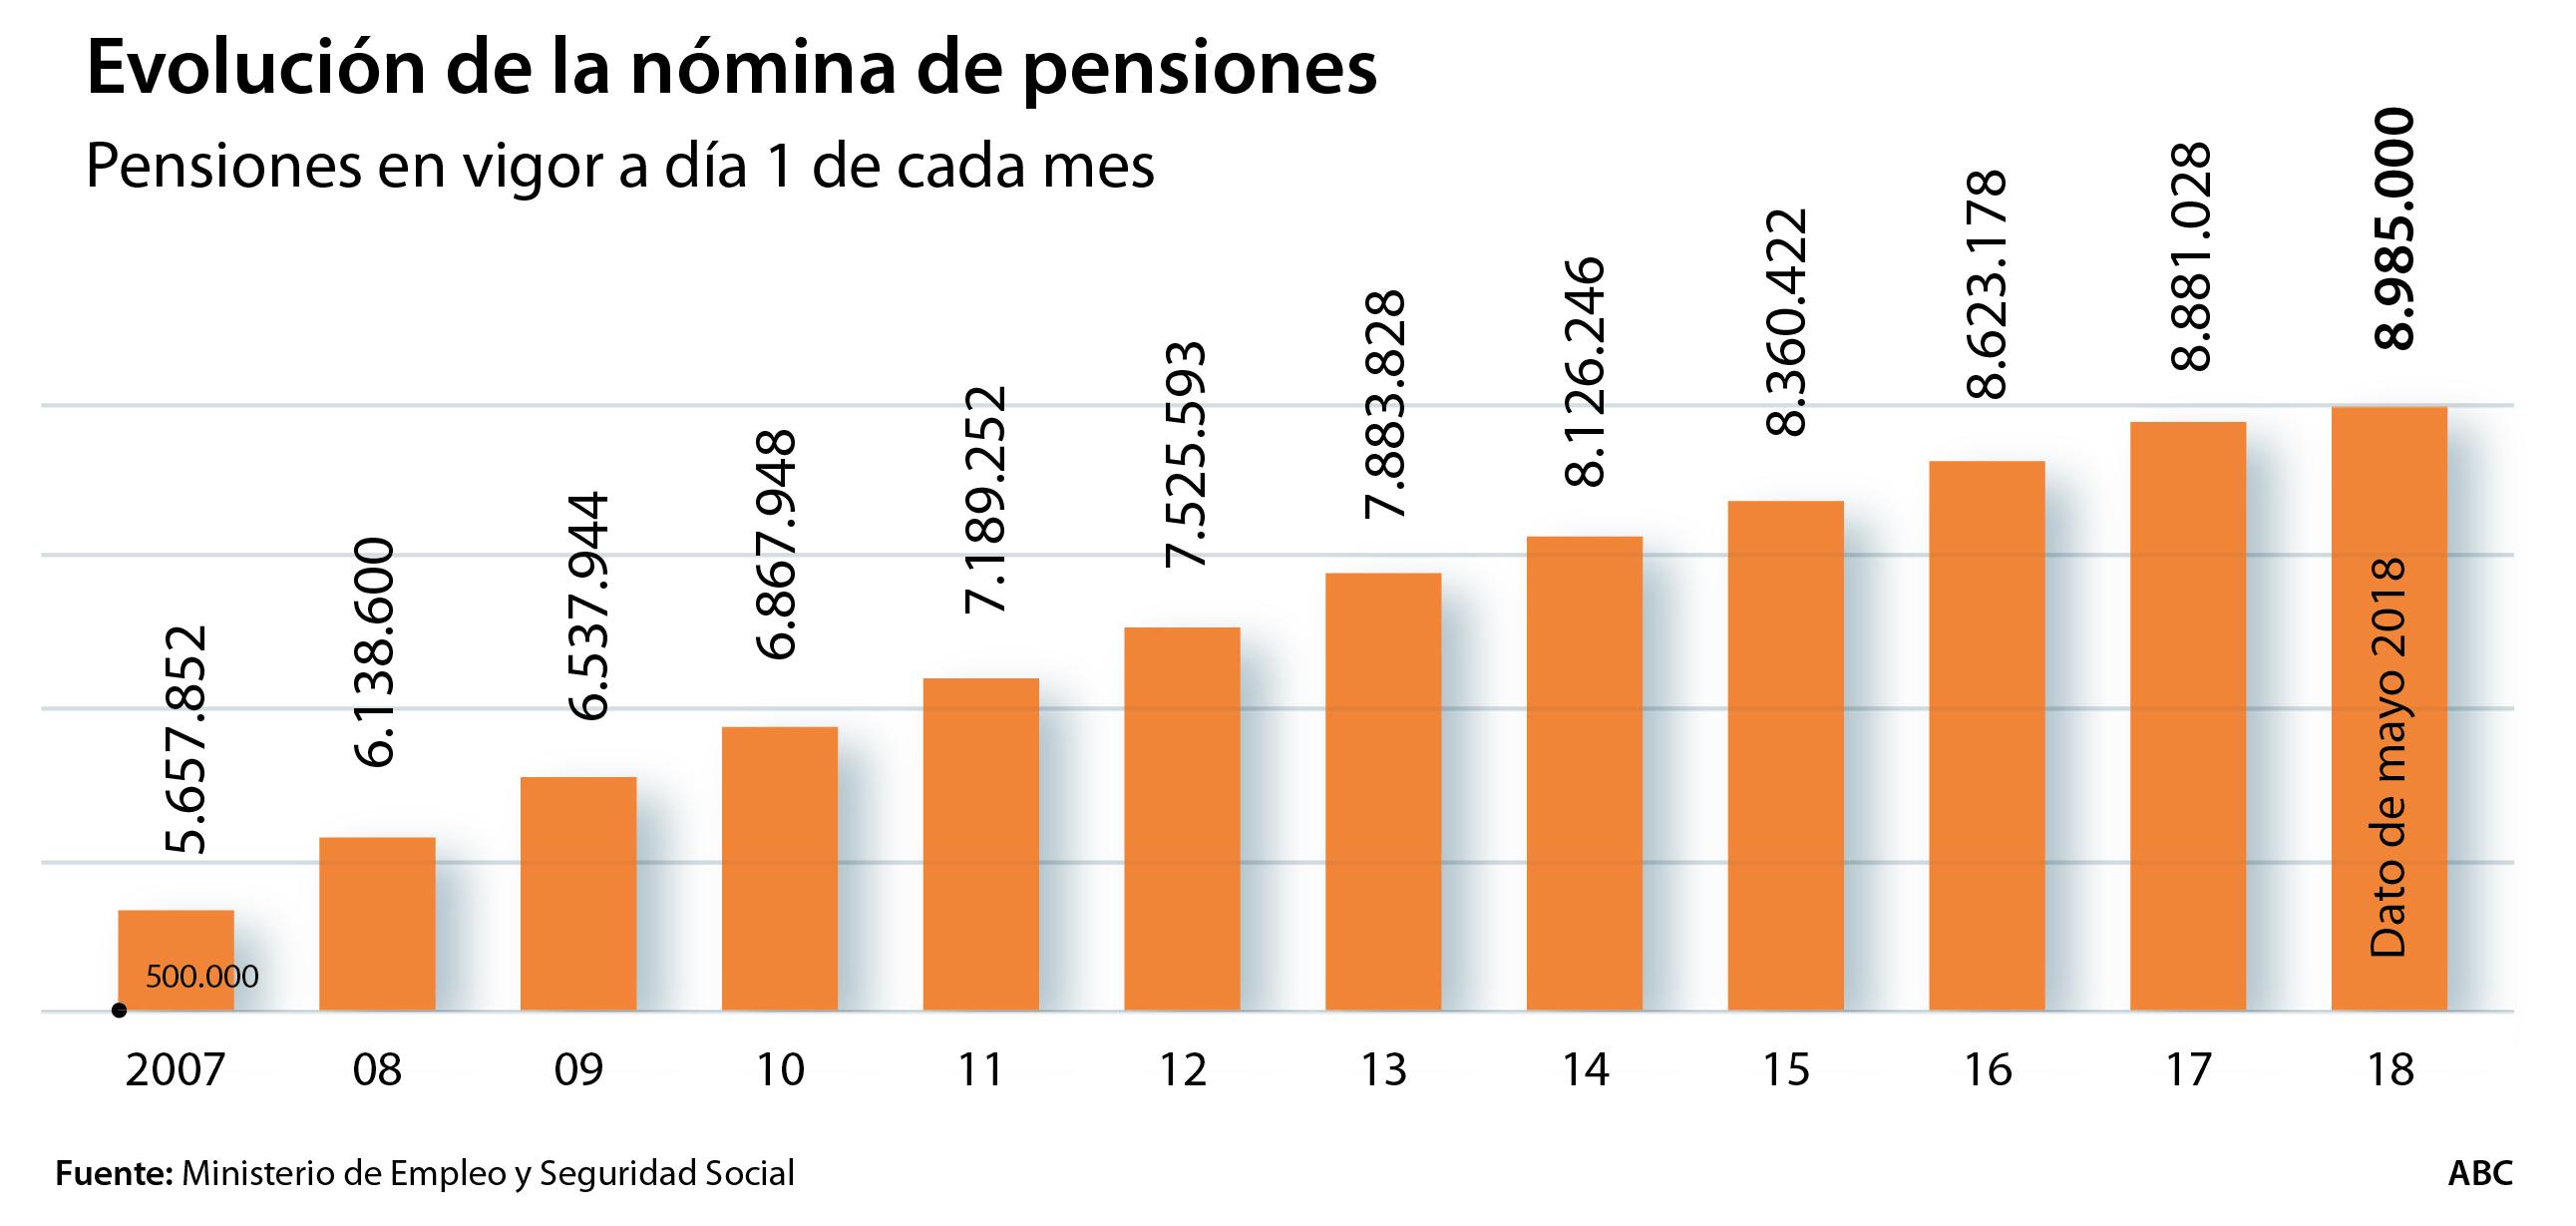 El número de pensiones ha avanzado en mayo un 1,1% respecto al mismo mes de 2017, hasta 9.59 millones